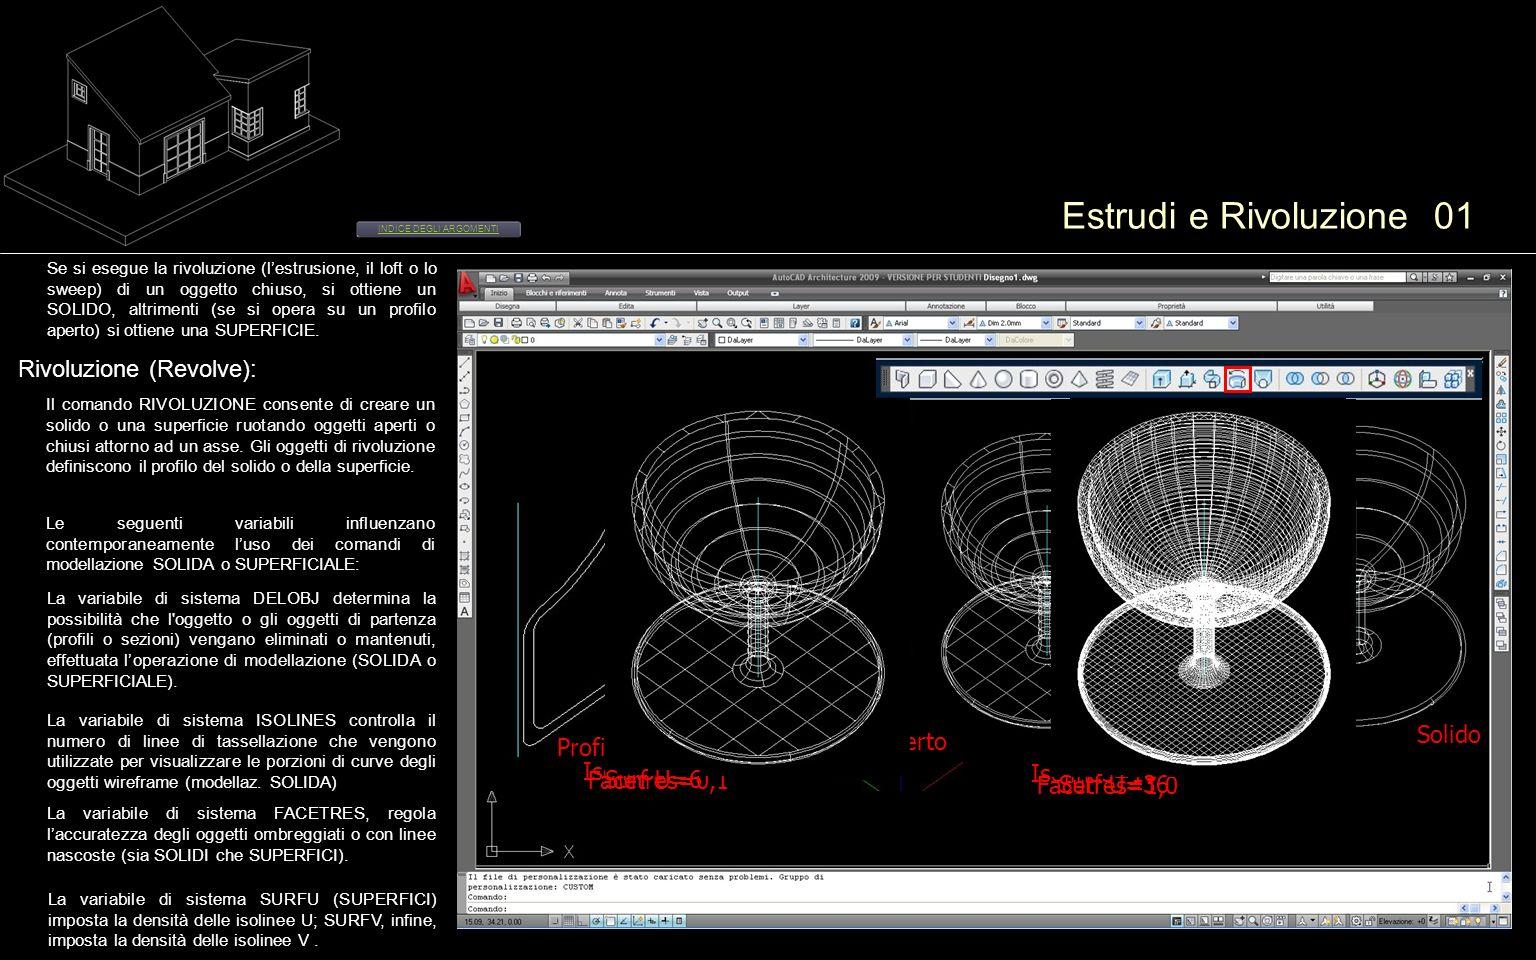 Layout di stampa 02 Layout (Layout): Allo spazio modello si accede dalla SCHEDA MODELLO e configura una visione dello spazio per noi familiare.